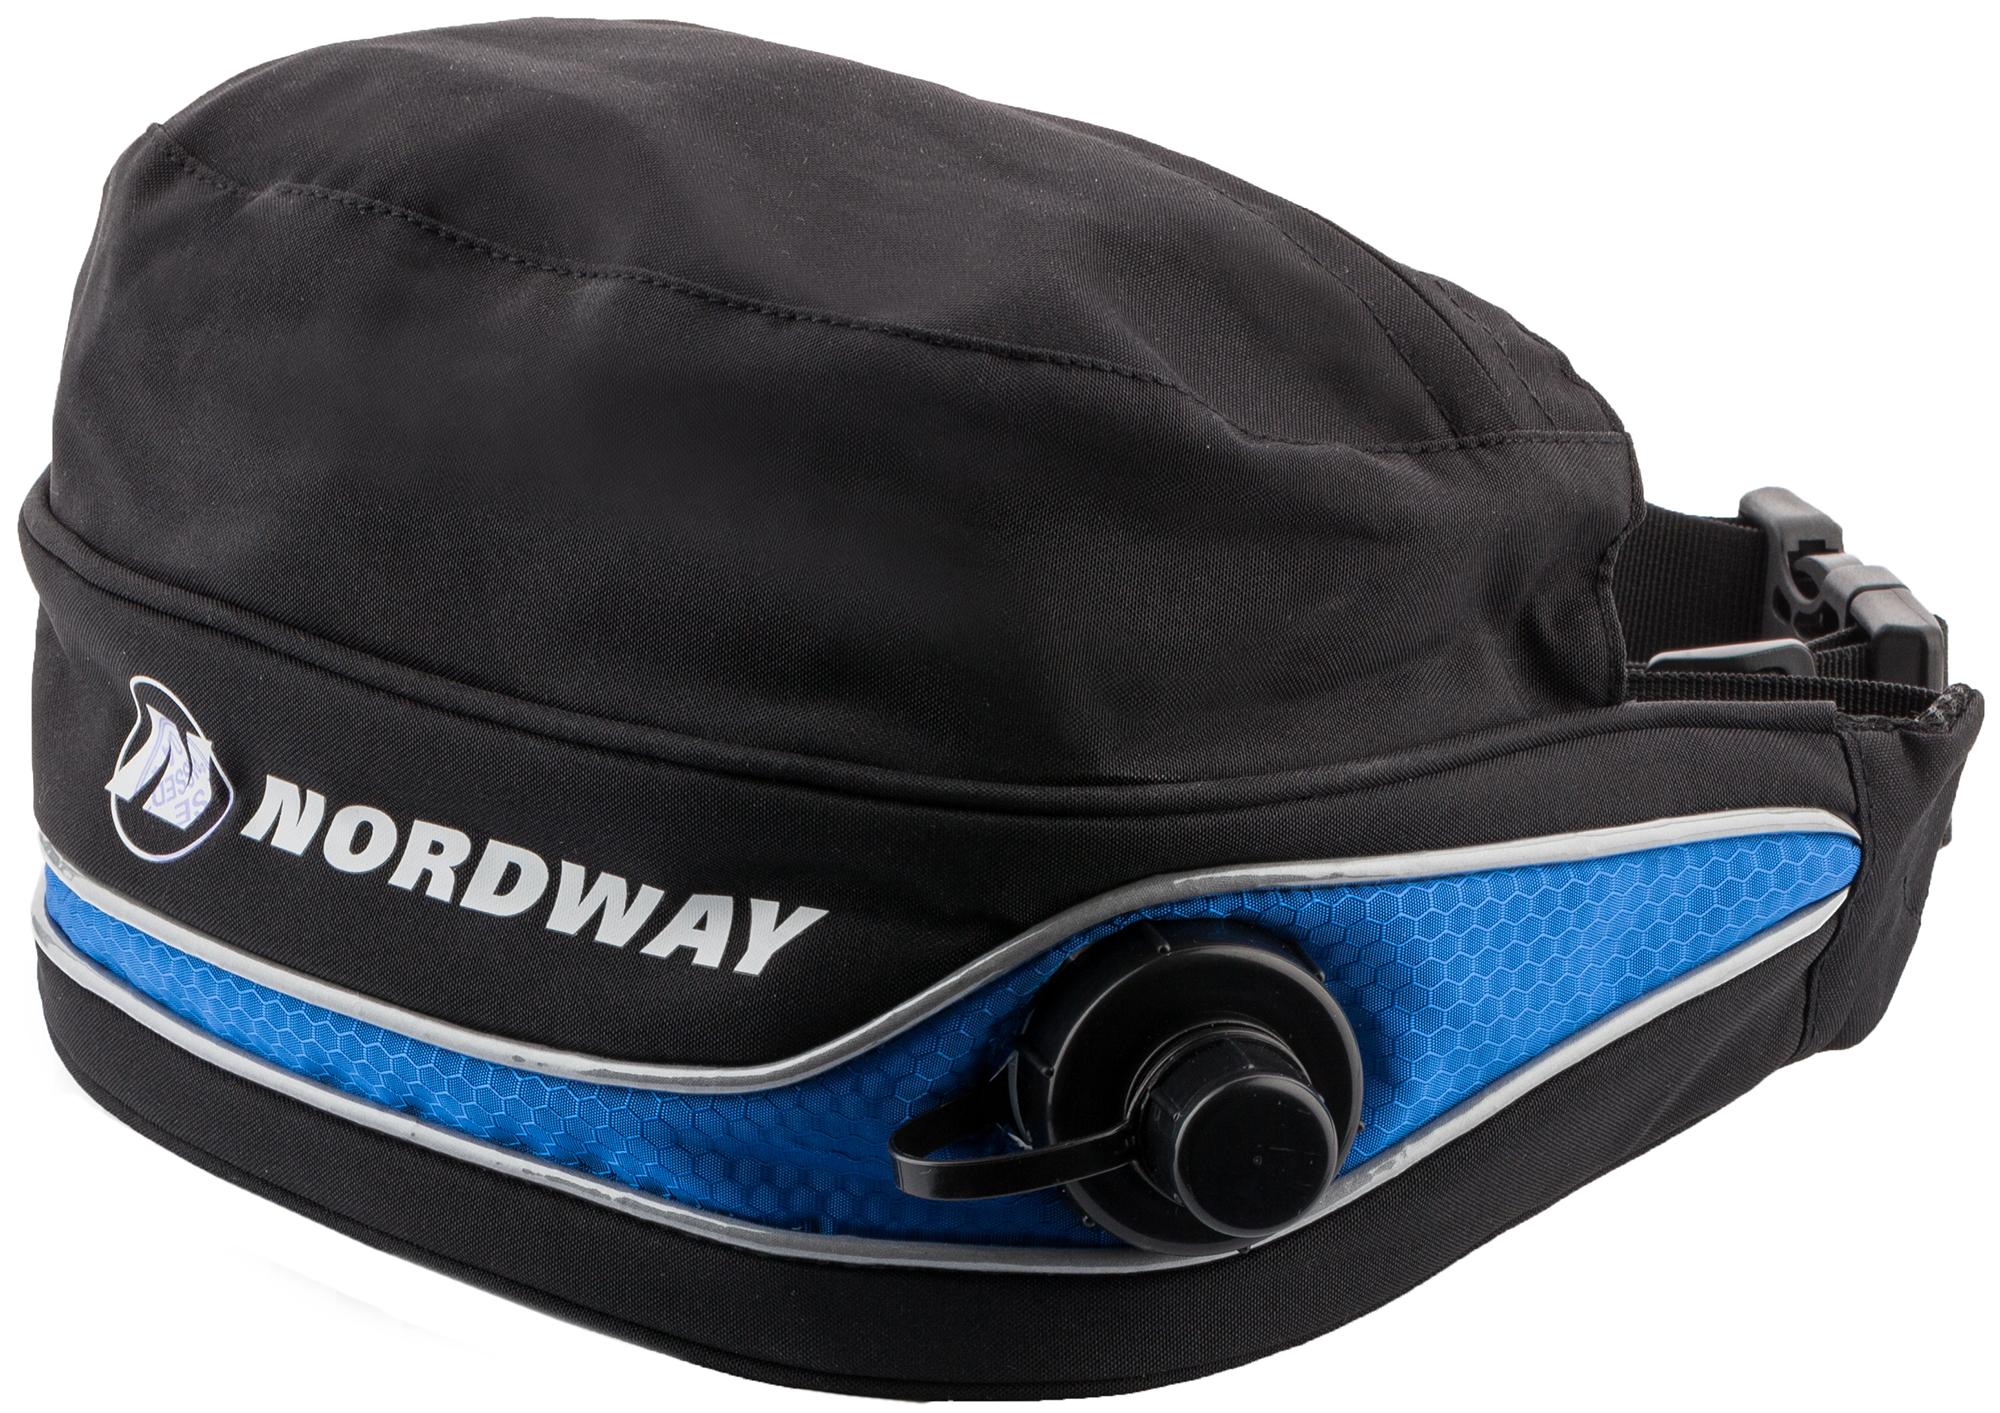 Nordway Подсумок с встроенным термосом 1л Nordway